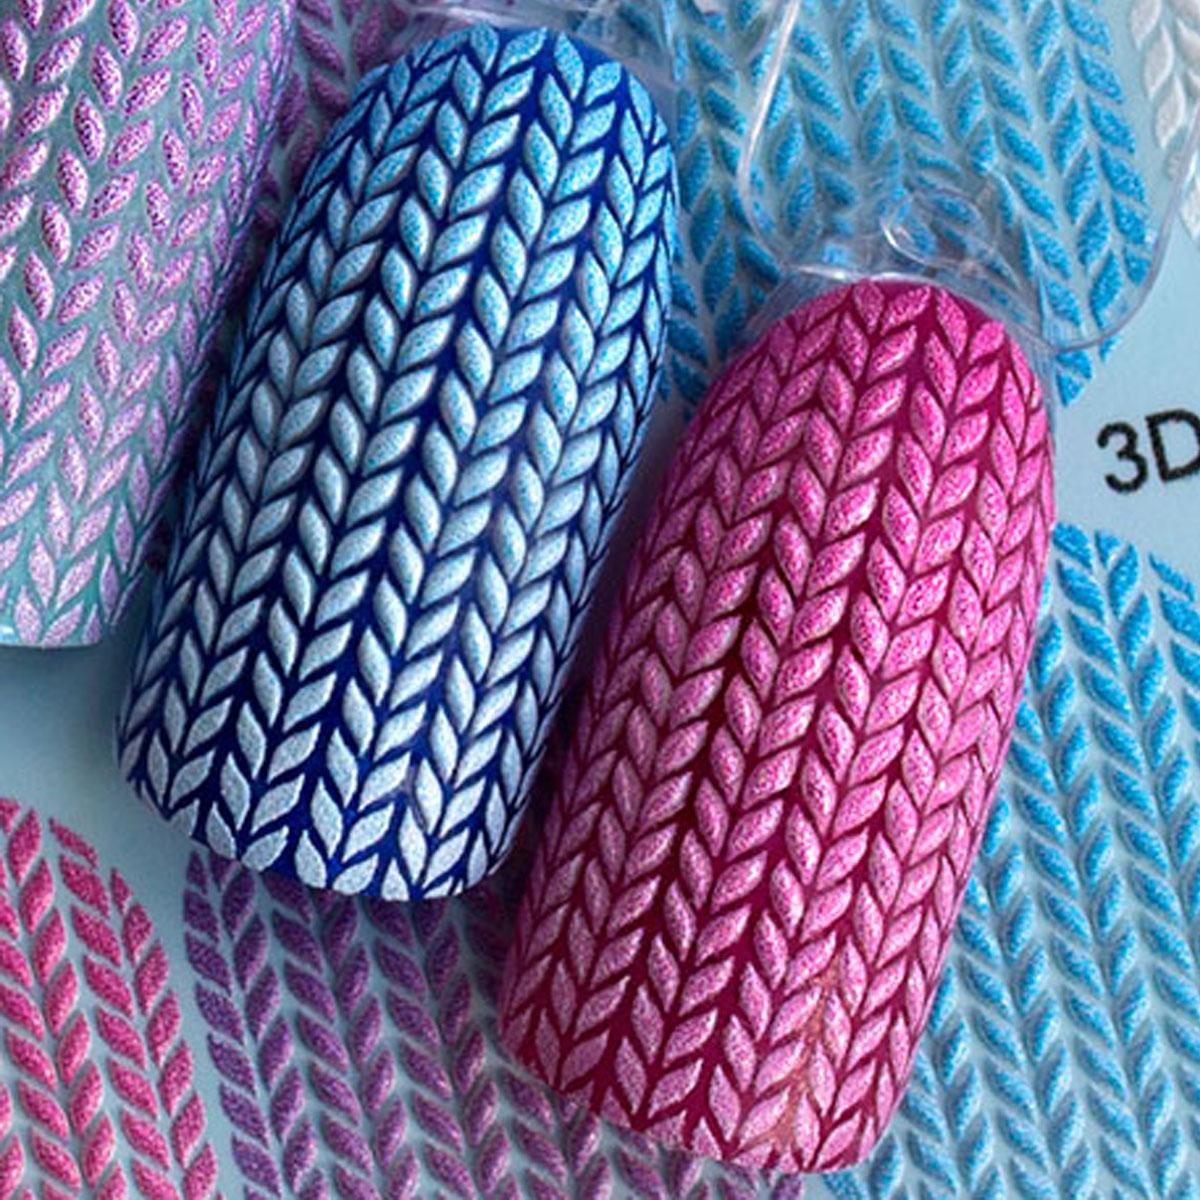 タトゥーネイルシール スライダー 3Dデザイン 3D #44 冬ネイル セルフネイル ニット マニキュア 26873